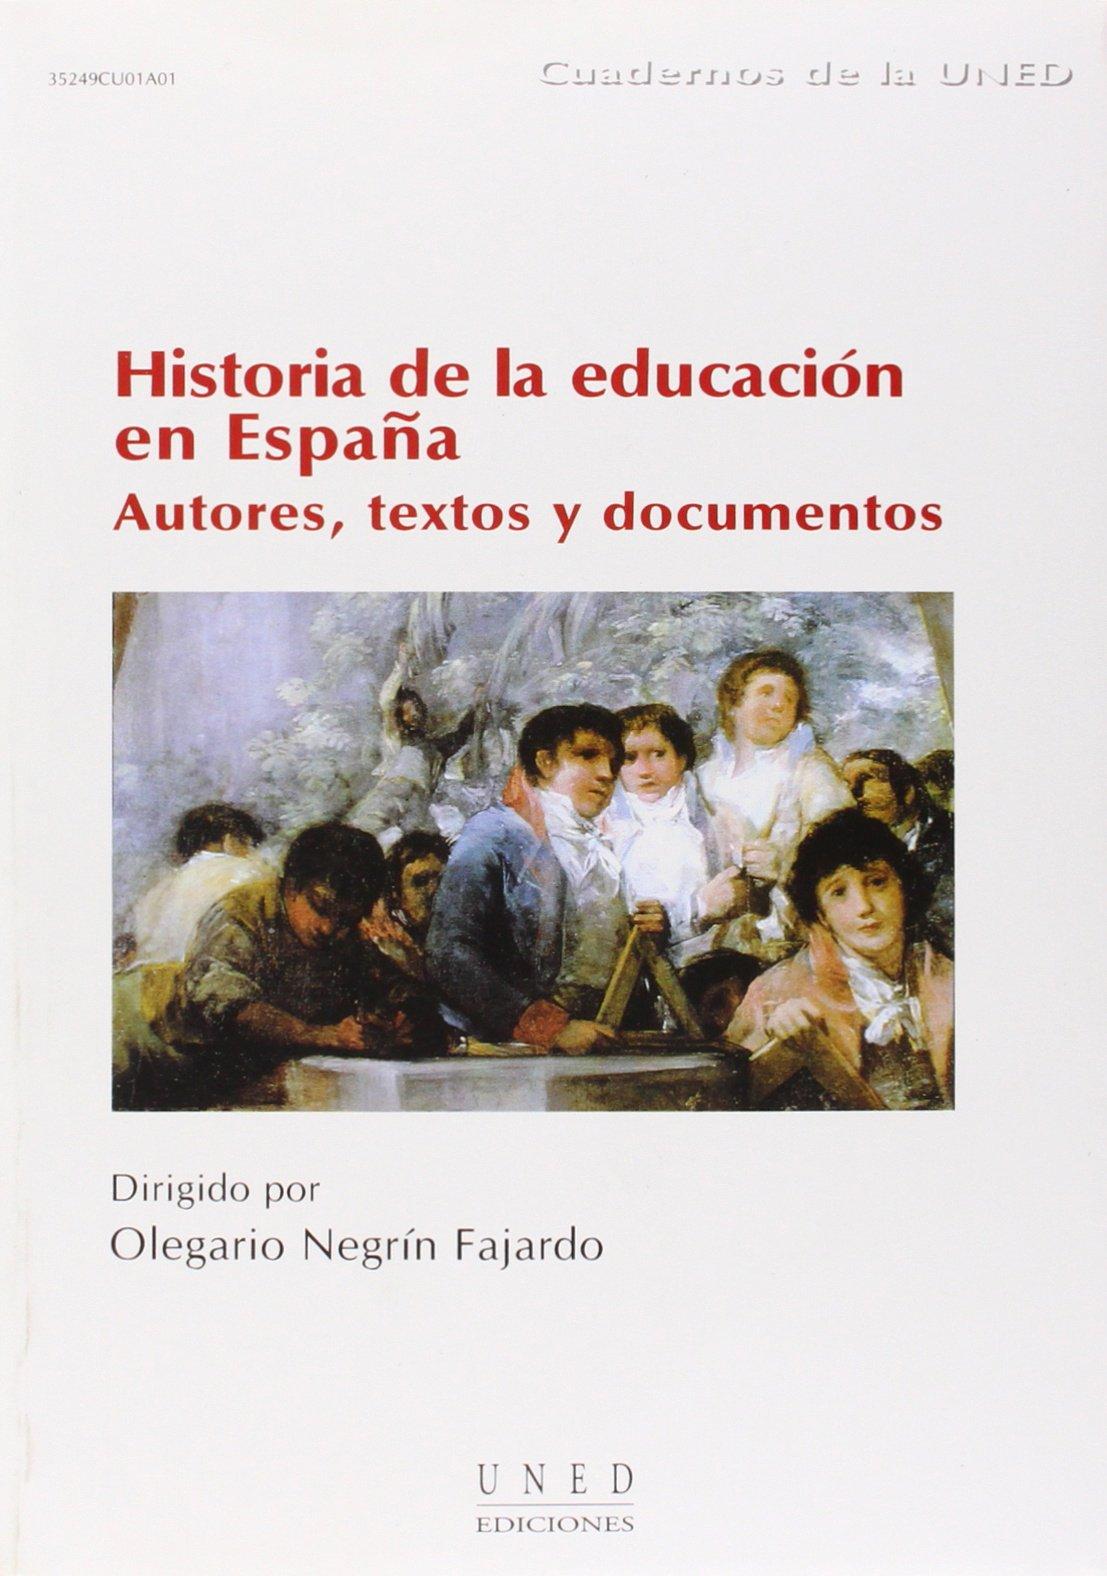 Historia de La Educación En España. Autores. Textos y Documentos CUADERNOS UNED: Amazon.es: Martín-Moreno Cerrillo, Quintina: Libros